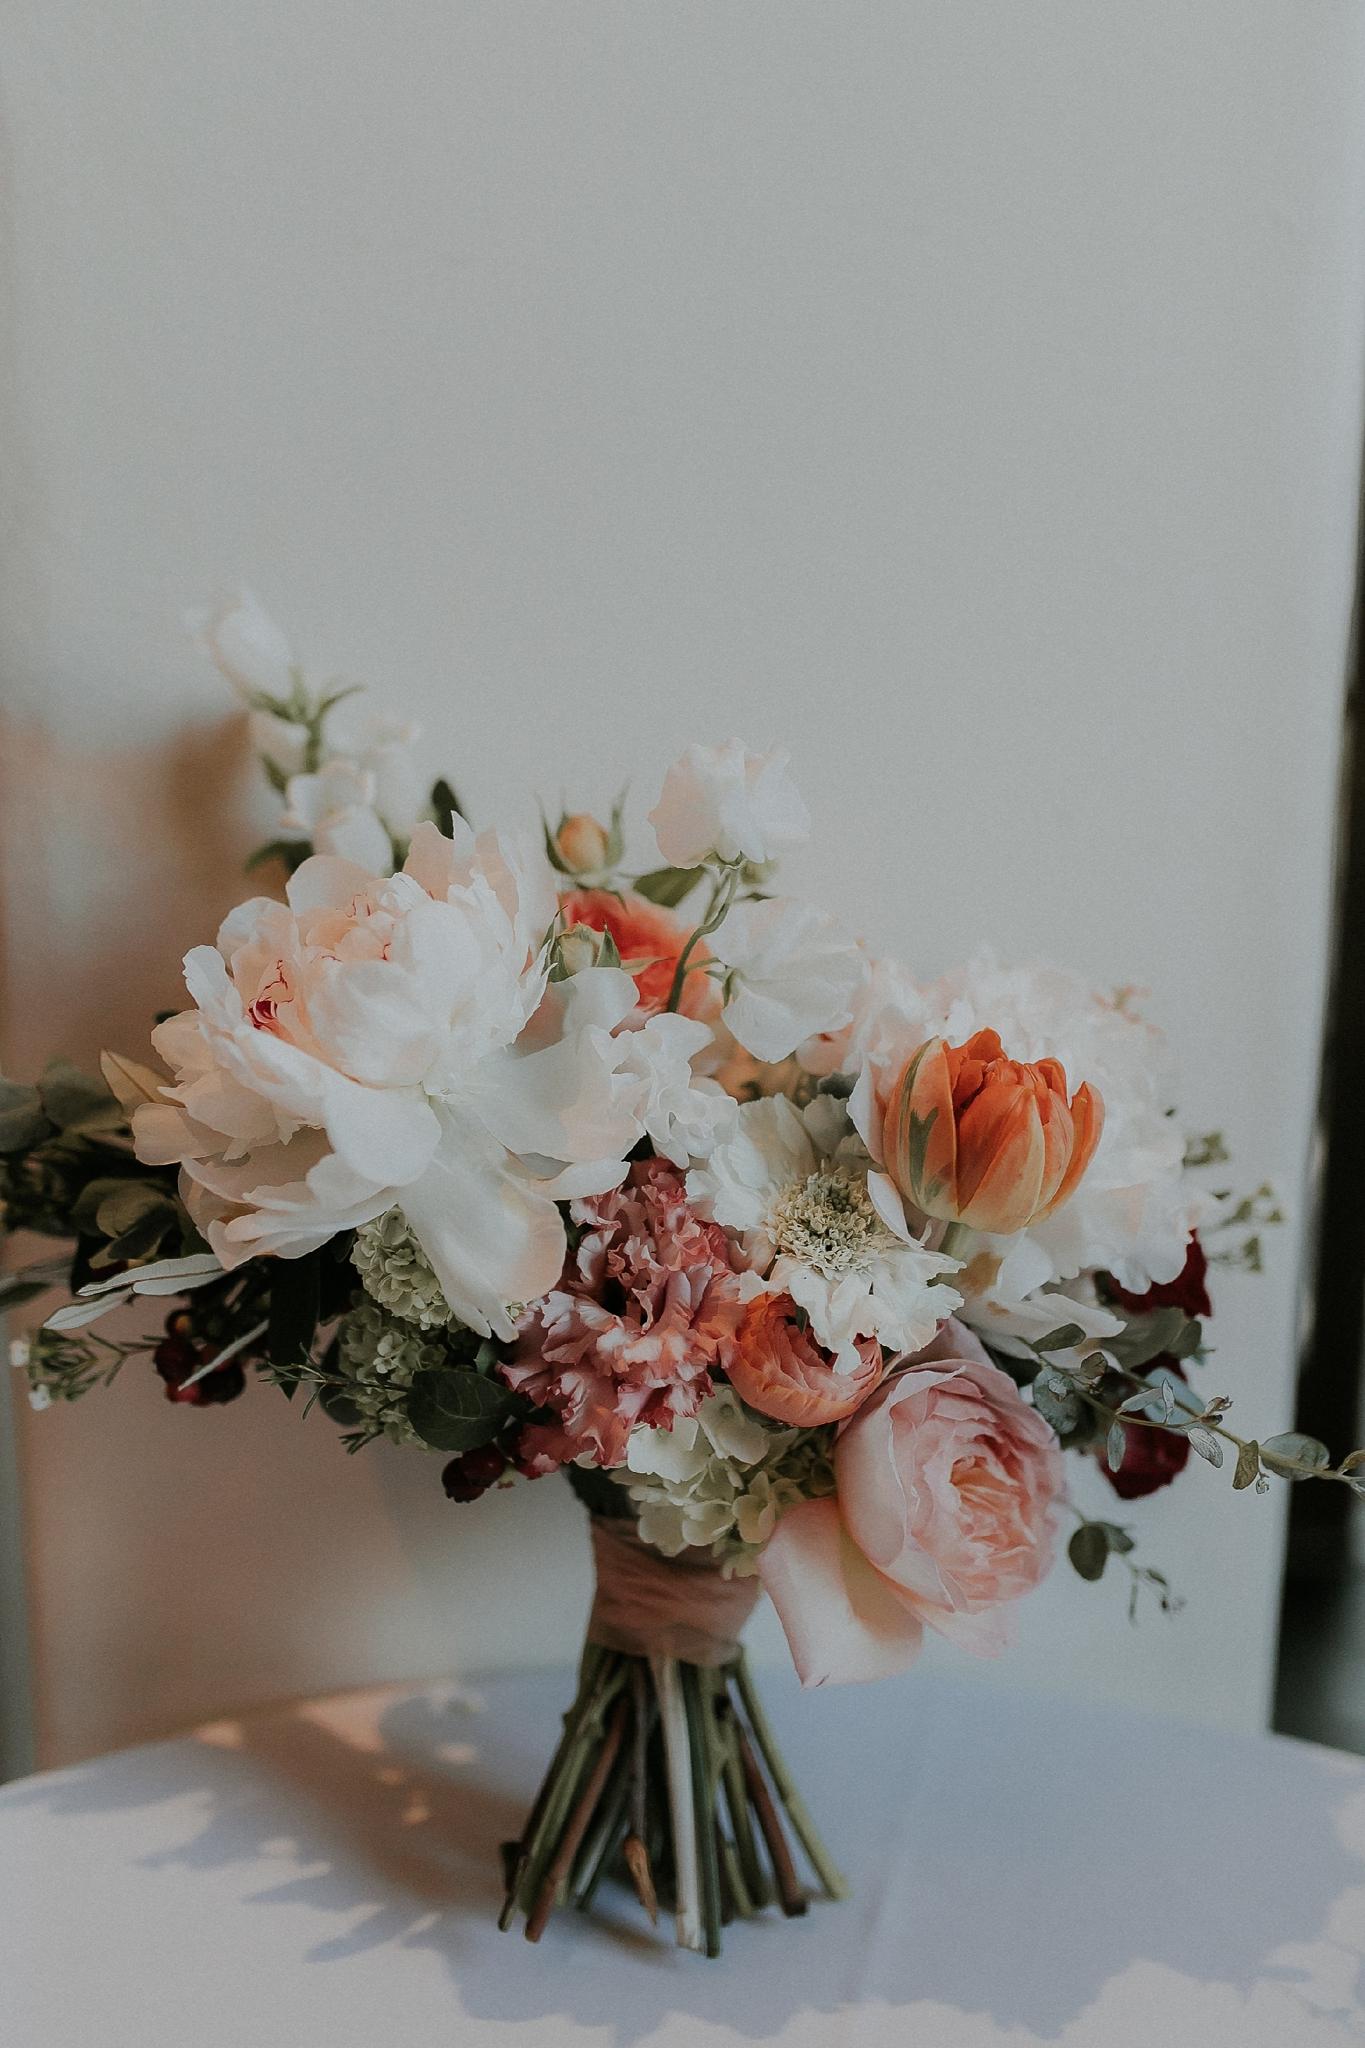 Alicia+lucia+photography+-+albuquerque+wedding+photographer+-+santa+fe+wedding+photography+-+new+mexico+wedding+photographer+-+new+mexico+wedding+-+new+mexico+florist+-+floriography+flowers+-+floriography+flowers+new+mexico+-+wedding+florist_0102.jpg